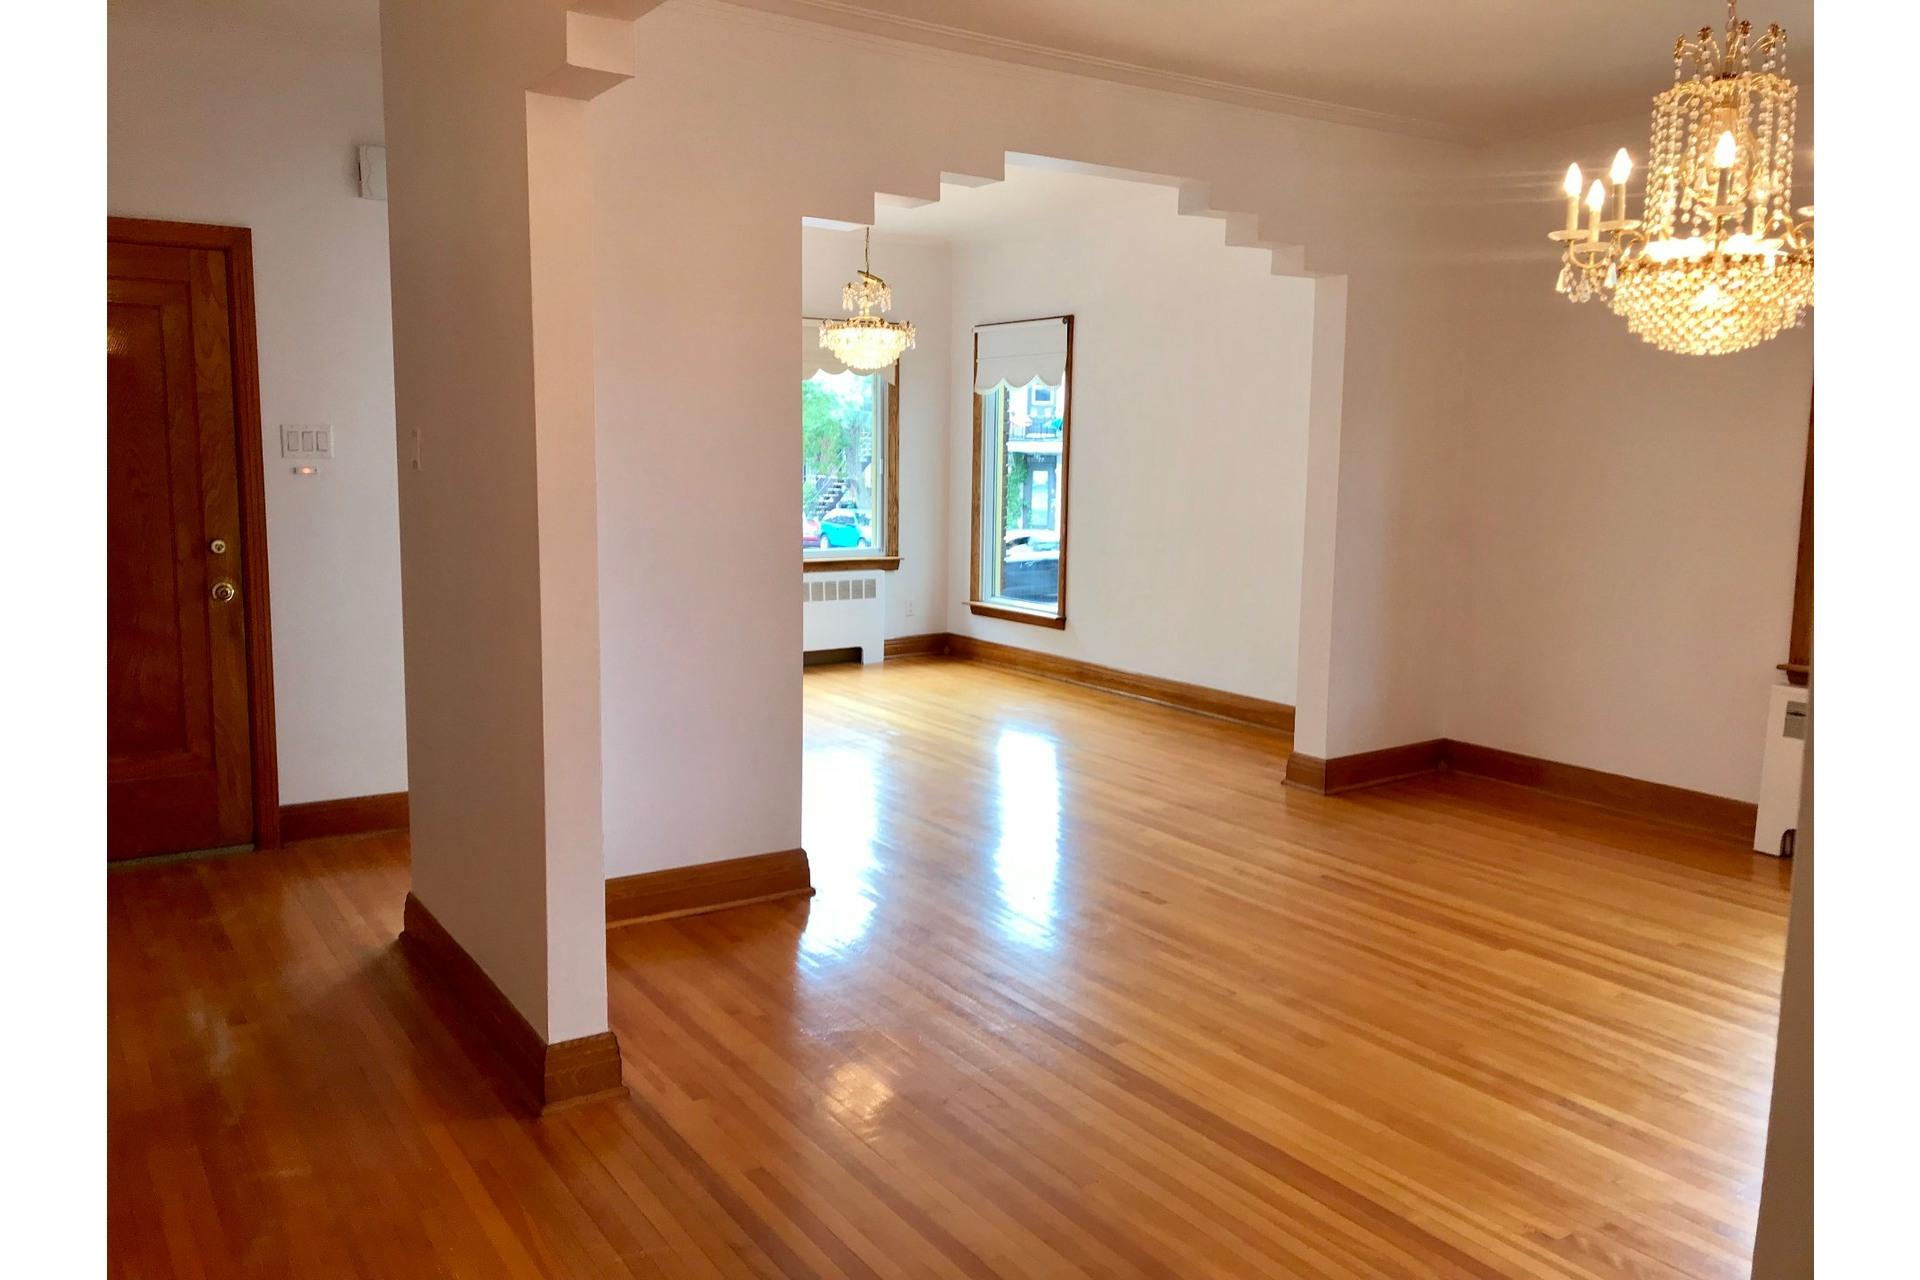 image 2 - Appartement À louer Villeray/Saint-Michel/Parc-Extension Montréal  - 5 pièces